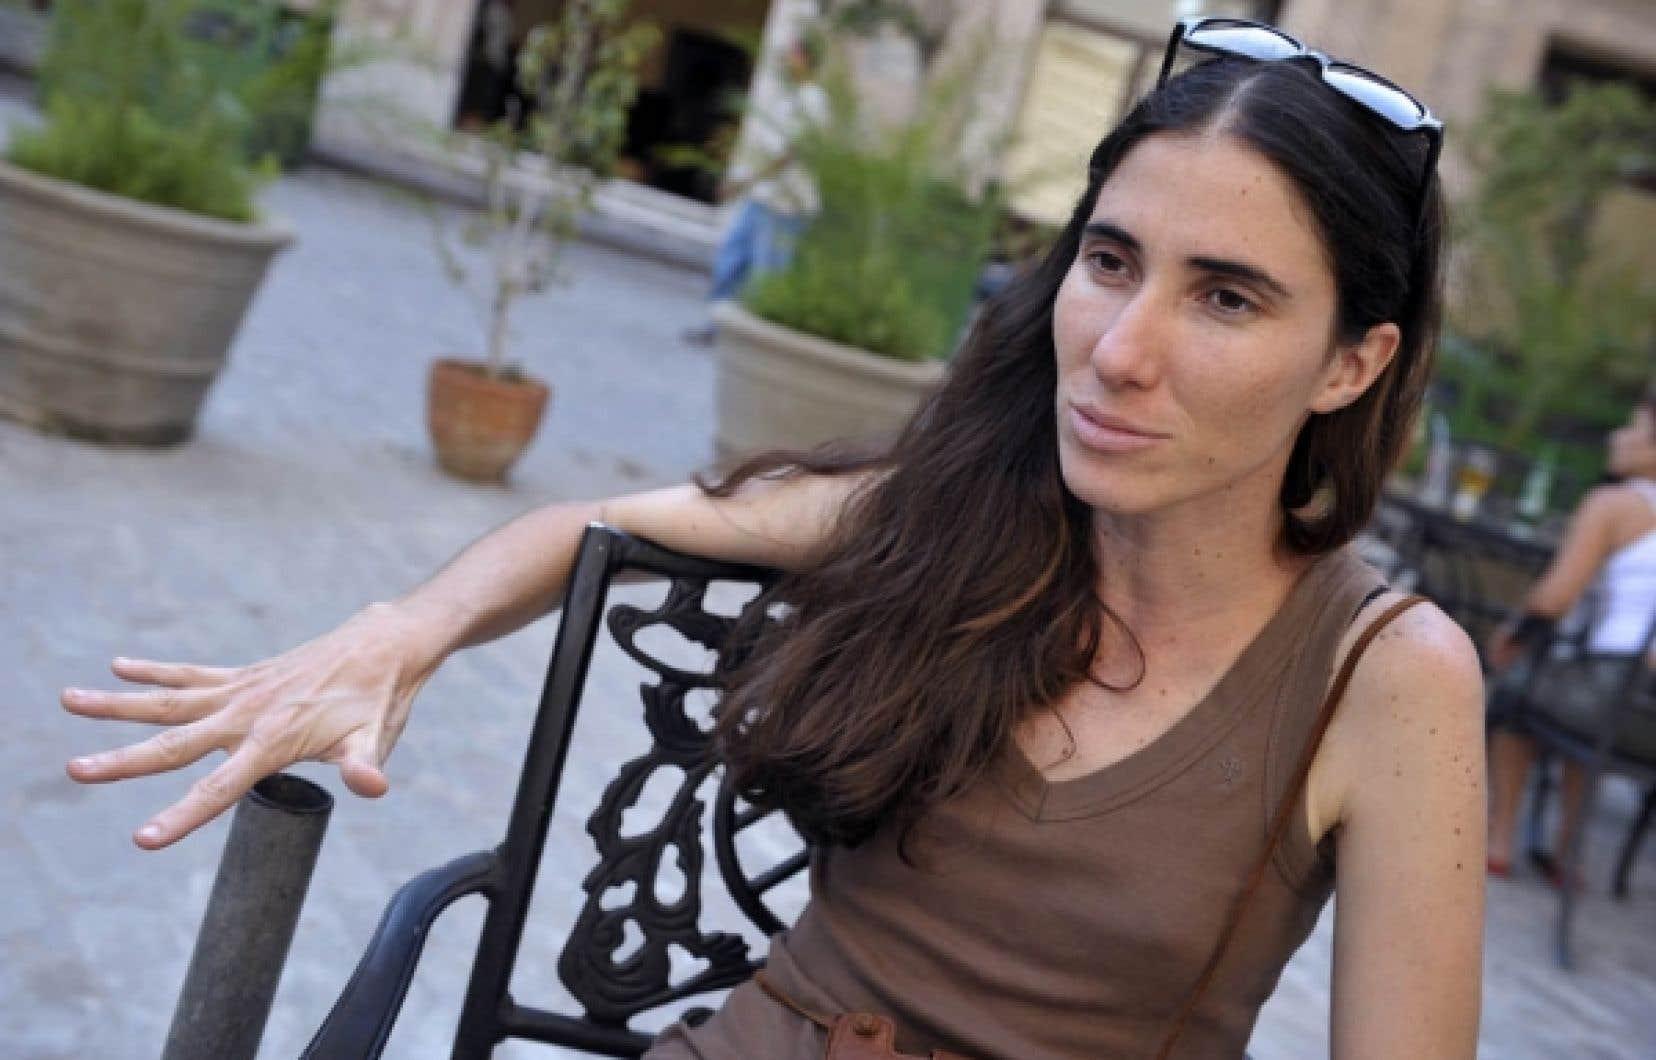 La blogueuse Yoani Sánchez a choisi, à ses risques et périls, d'oser, ce qu'Internet, dont elle n'ignore pas les vices, lui permet de faire.